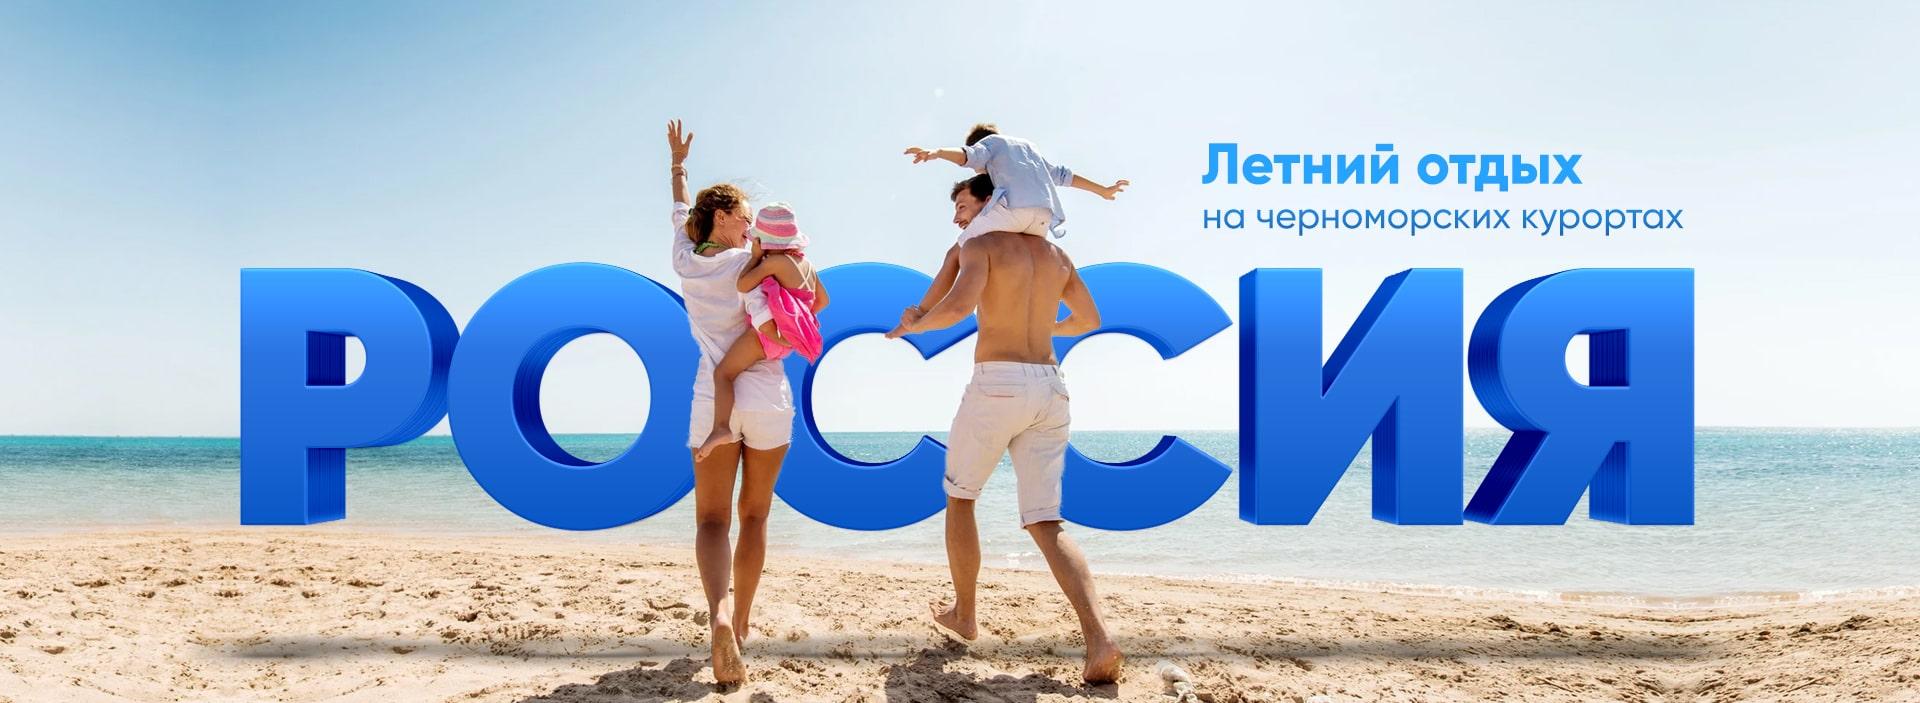 Туры по России из Ростова-на-Дону 2021